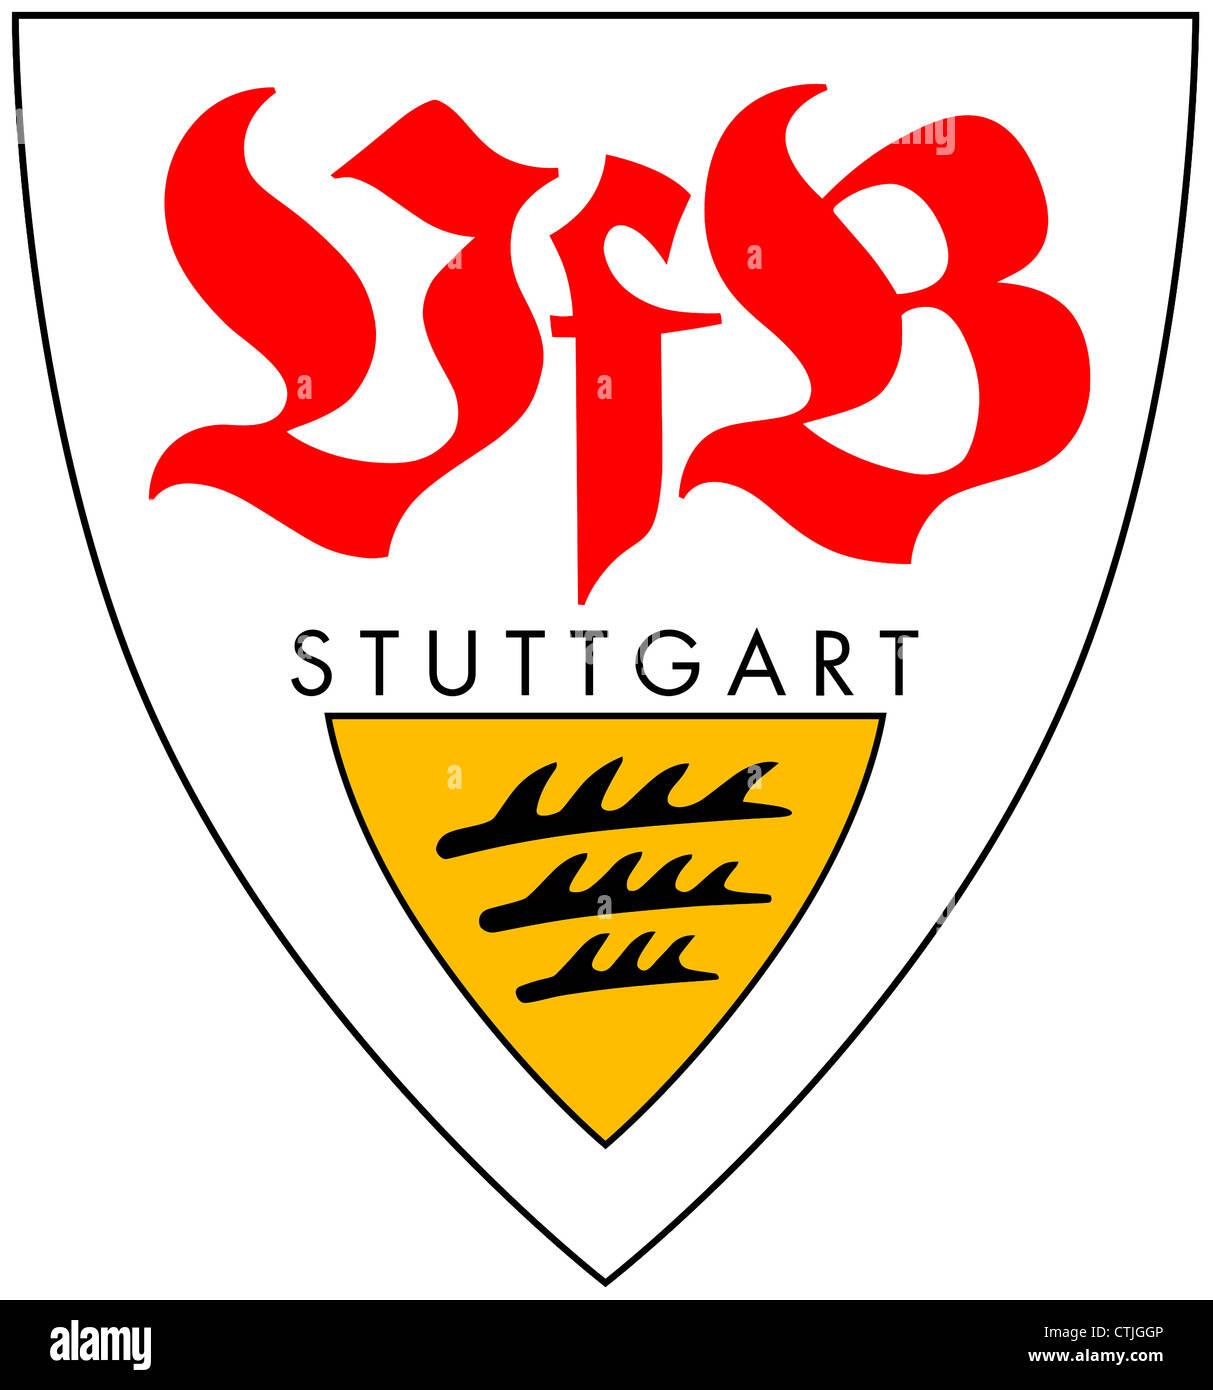 Logo of German football team VfB Stuttgart. - Stock Image